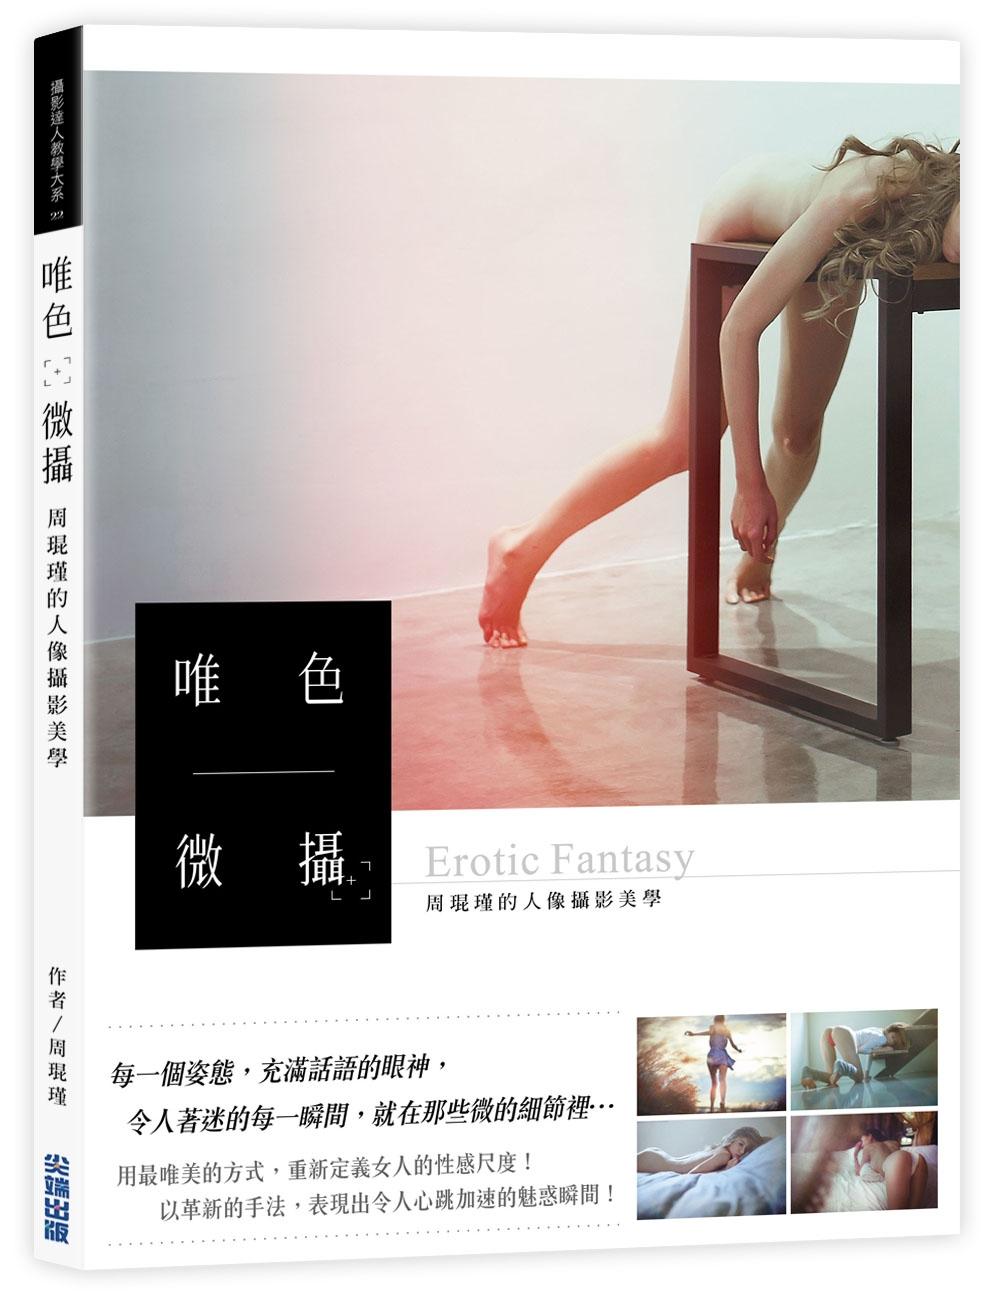 唯色|微攝:周琨瑾的人像攝影美學